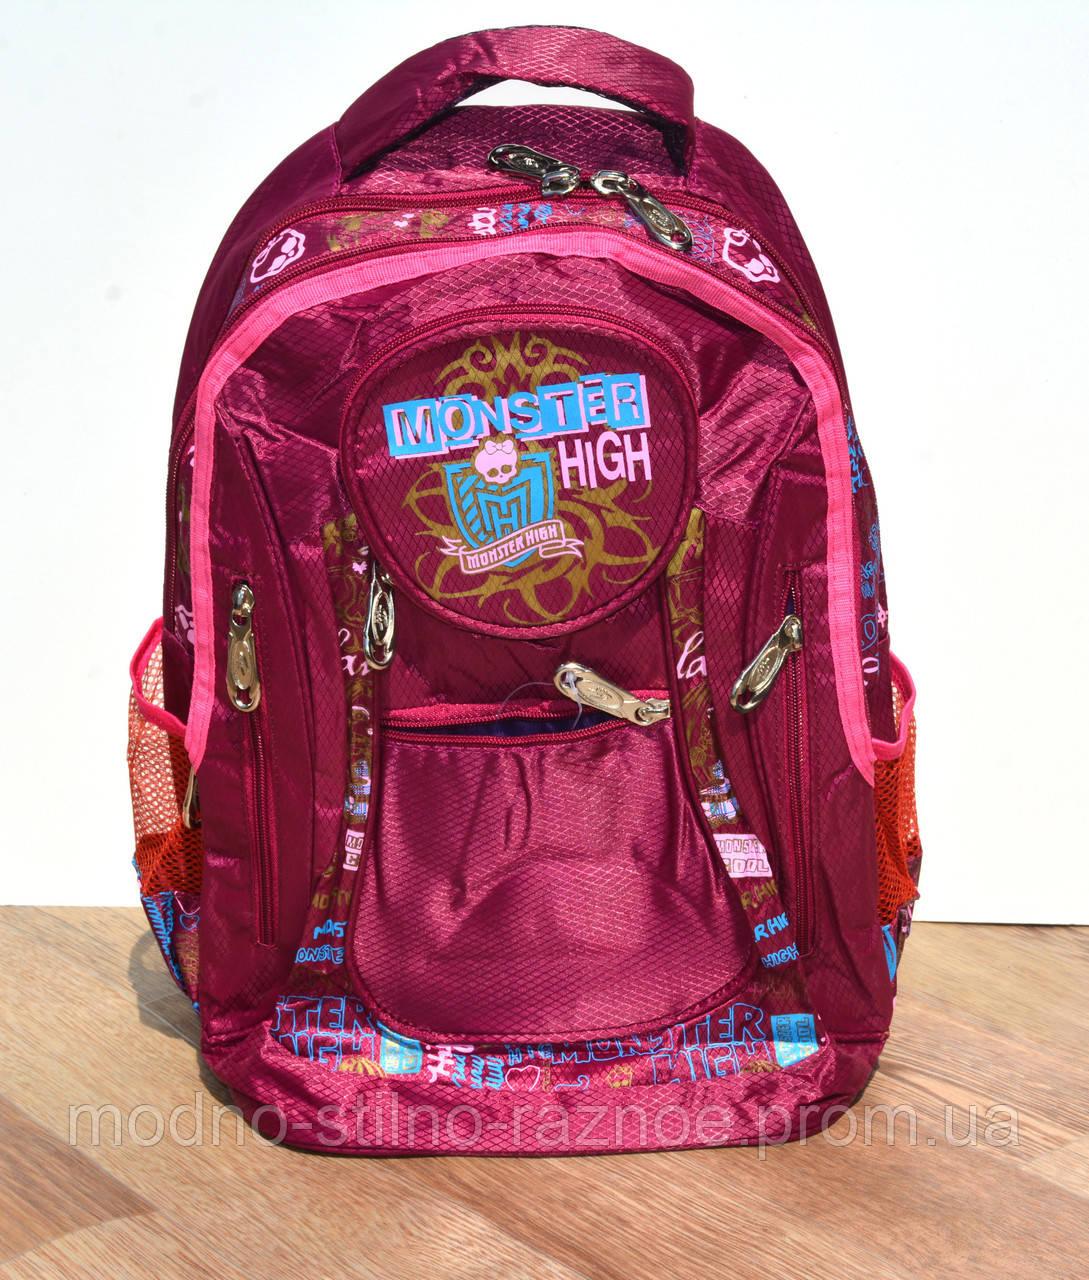 c4c6c278805f Рюкзак школьный на девочку 3-7 класс - Интернет-магазин